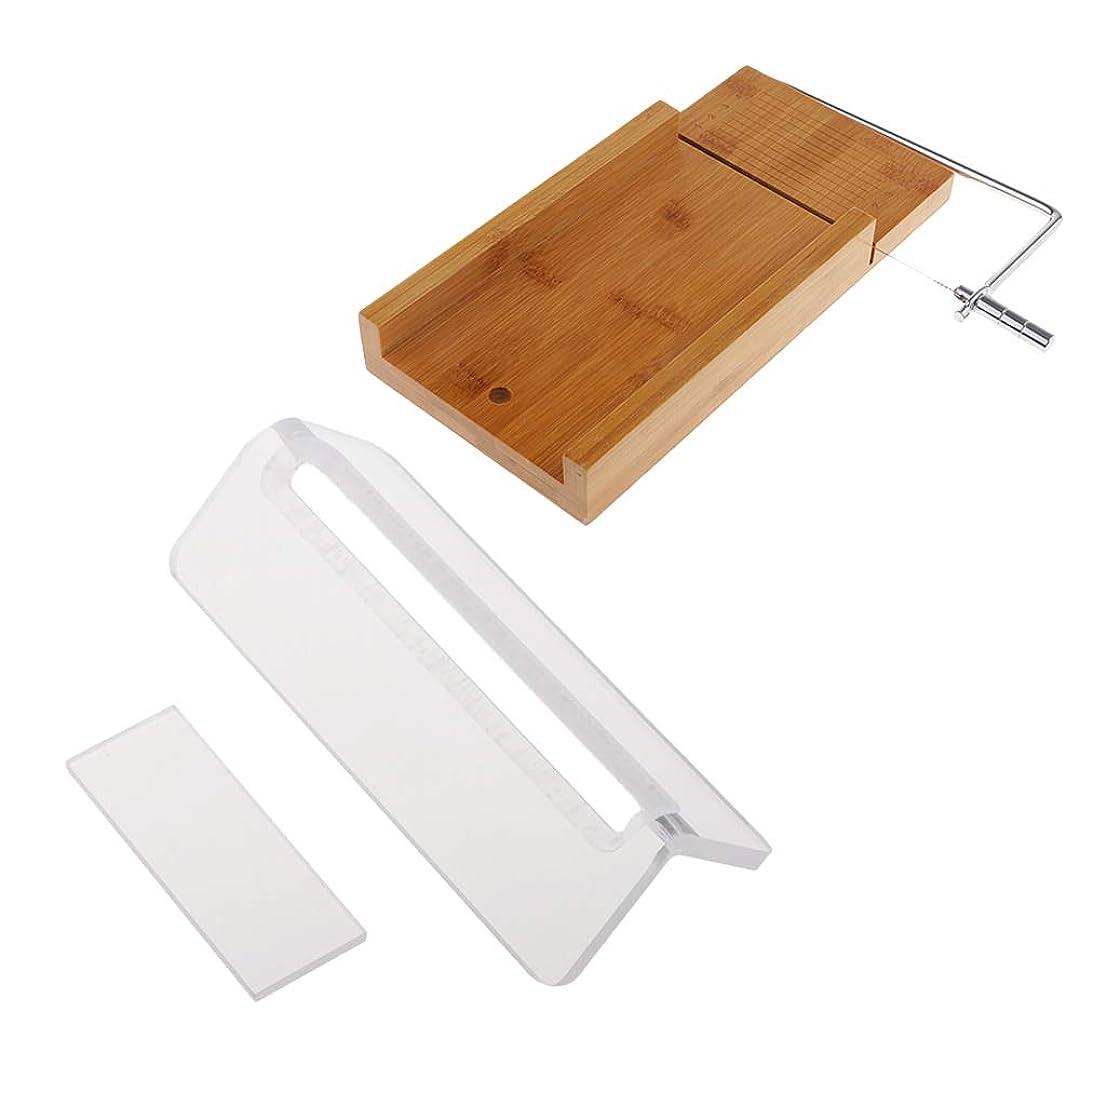 決してポイント周りFLAMEER ローフカッター 木製 ソープ包丁 石鹸カッター 手作り石鹸 DIY キッチン用品 2個入り